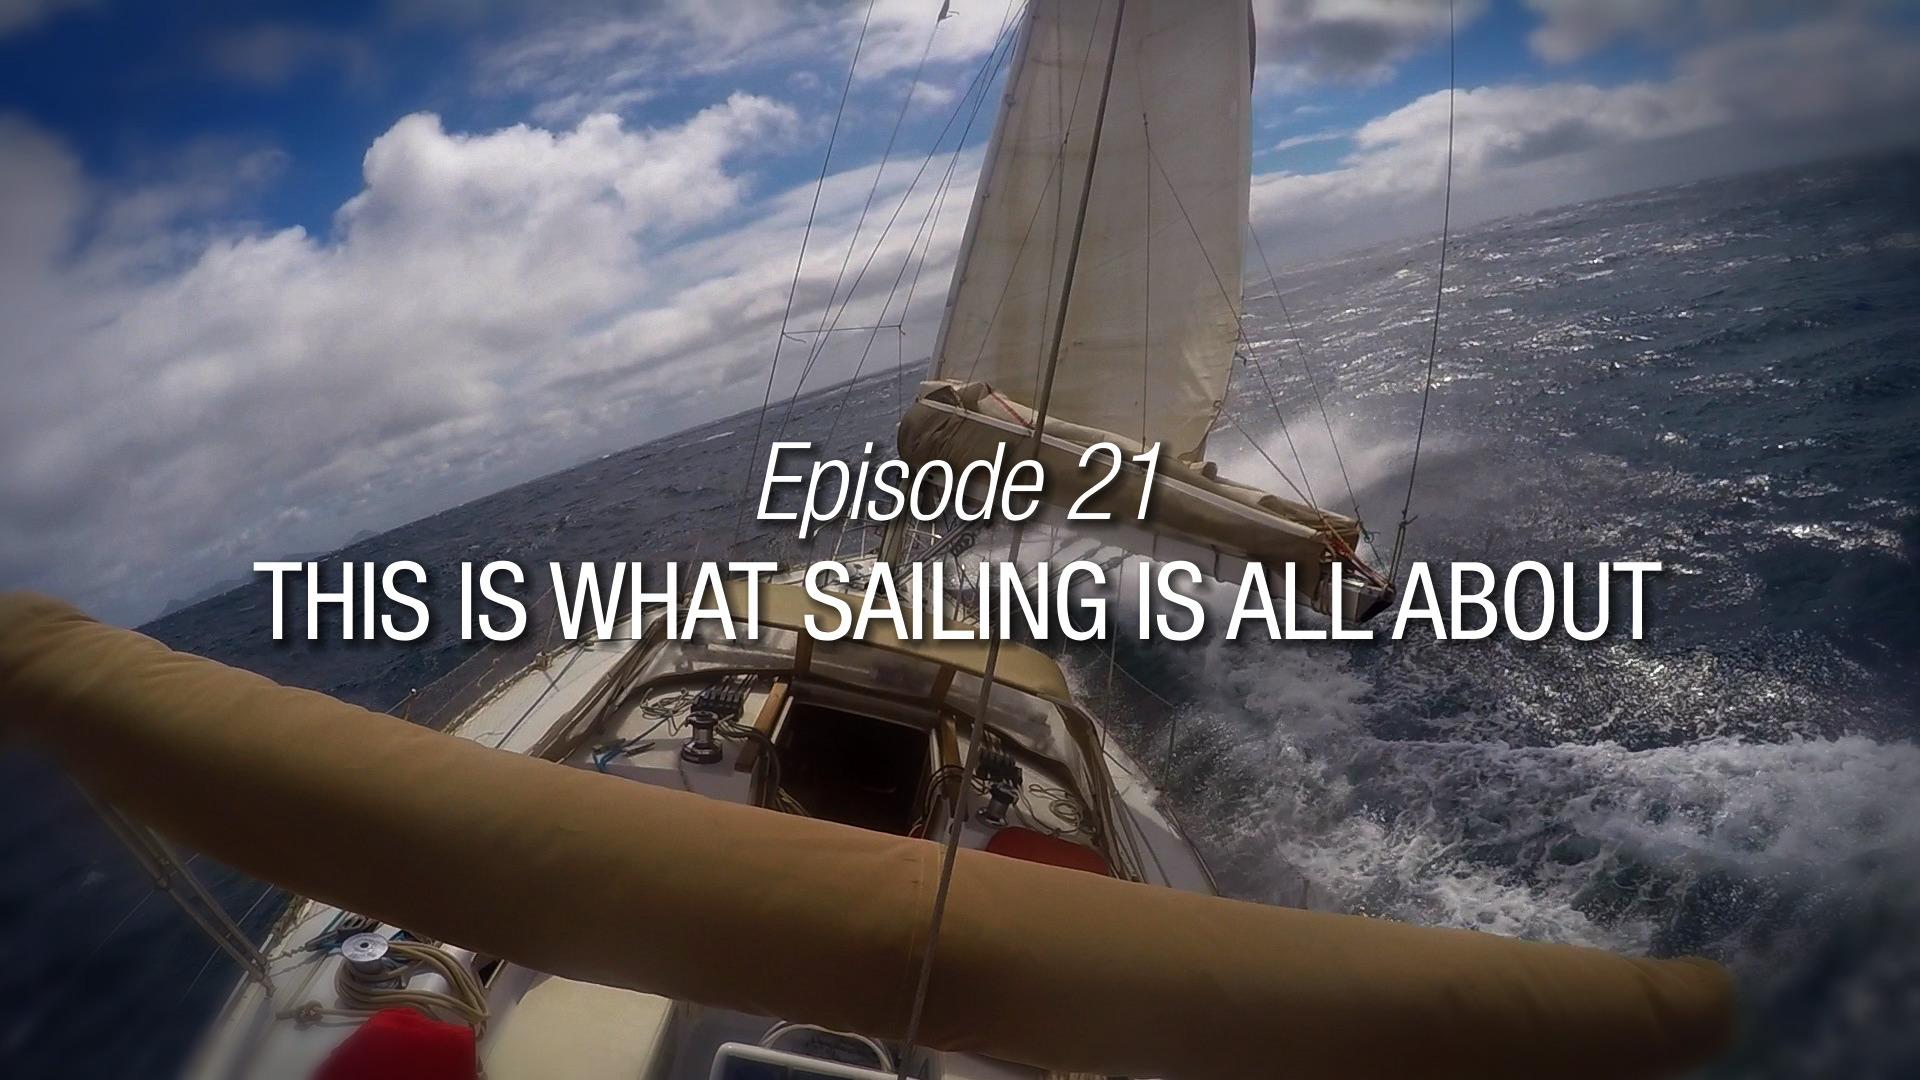 Windedvoyage Com: Seas 4 Episode 21